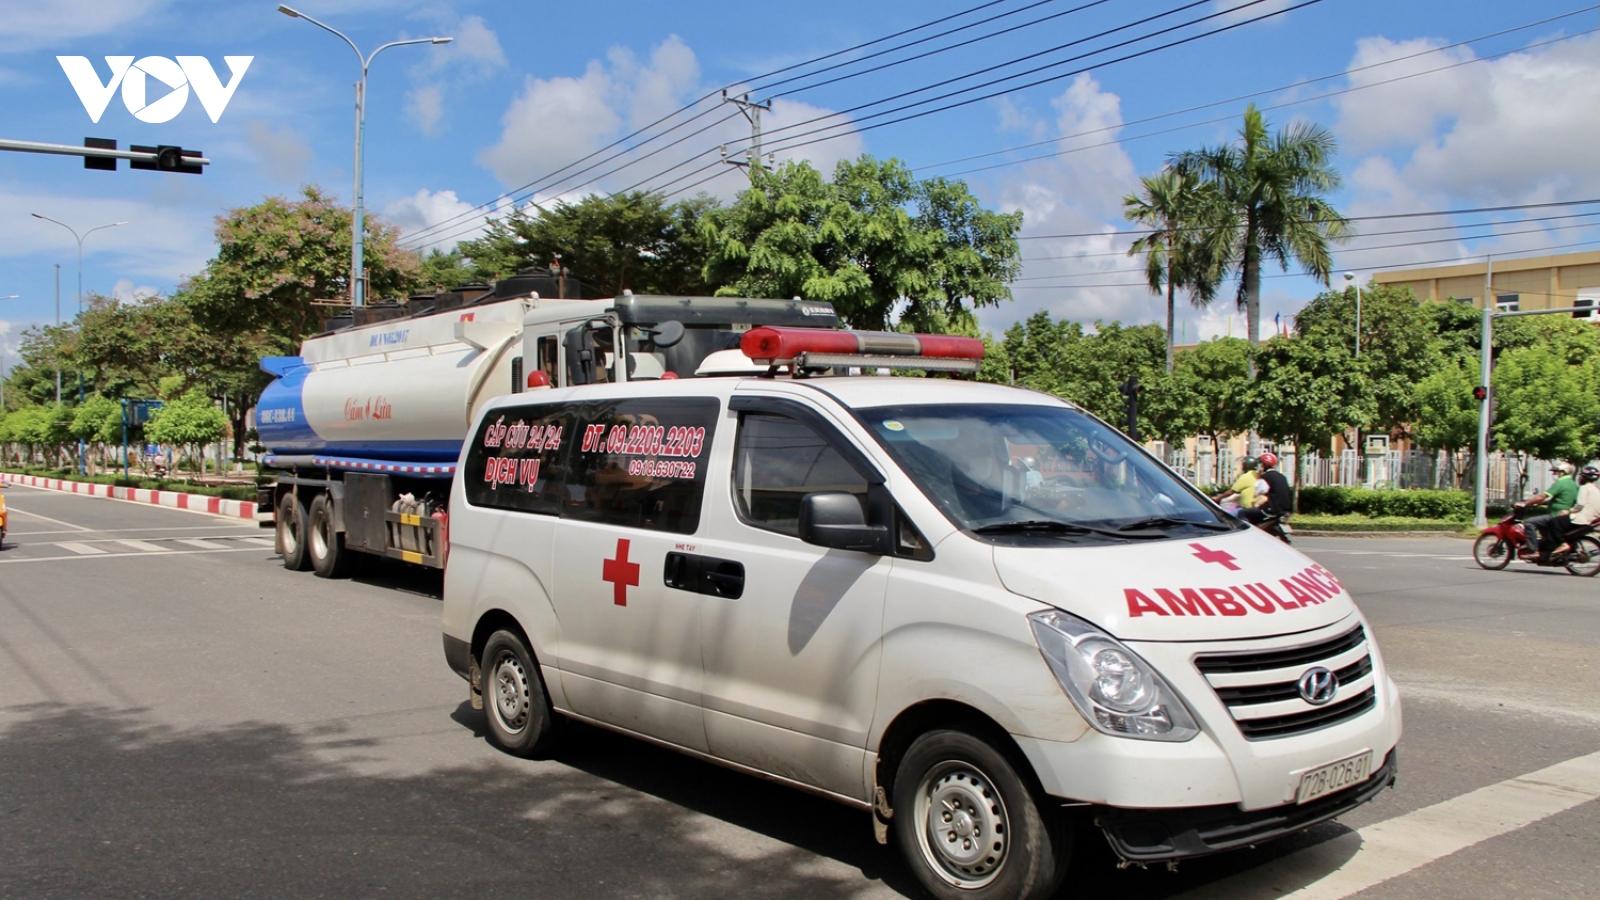 Người dân Bà Rịa – Vũng Tàu muốn tiếp cận y tế phải qua 4 cơ quan, chính quyền